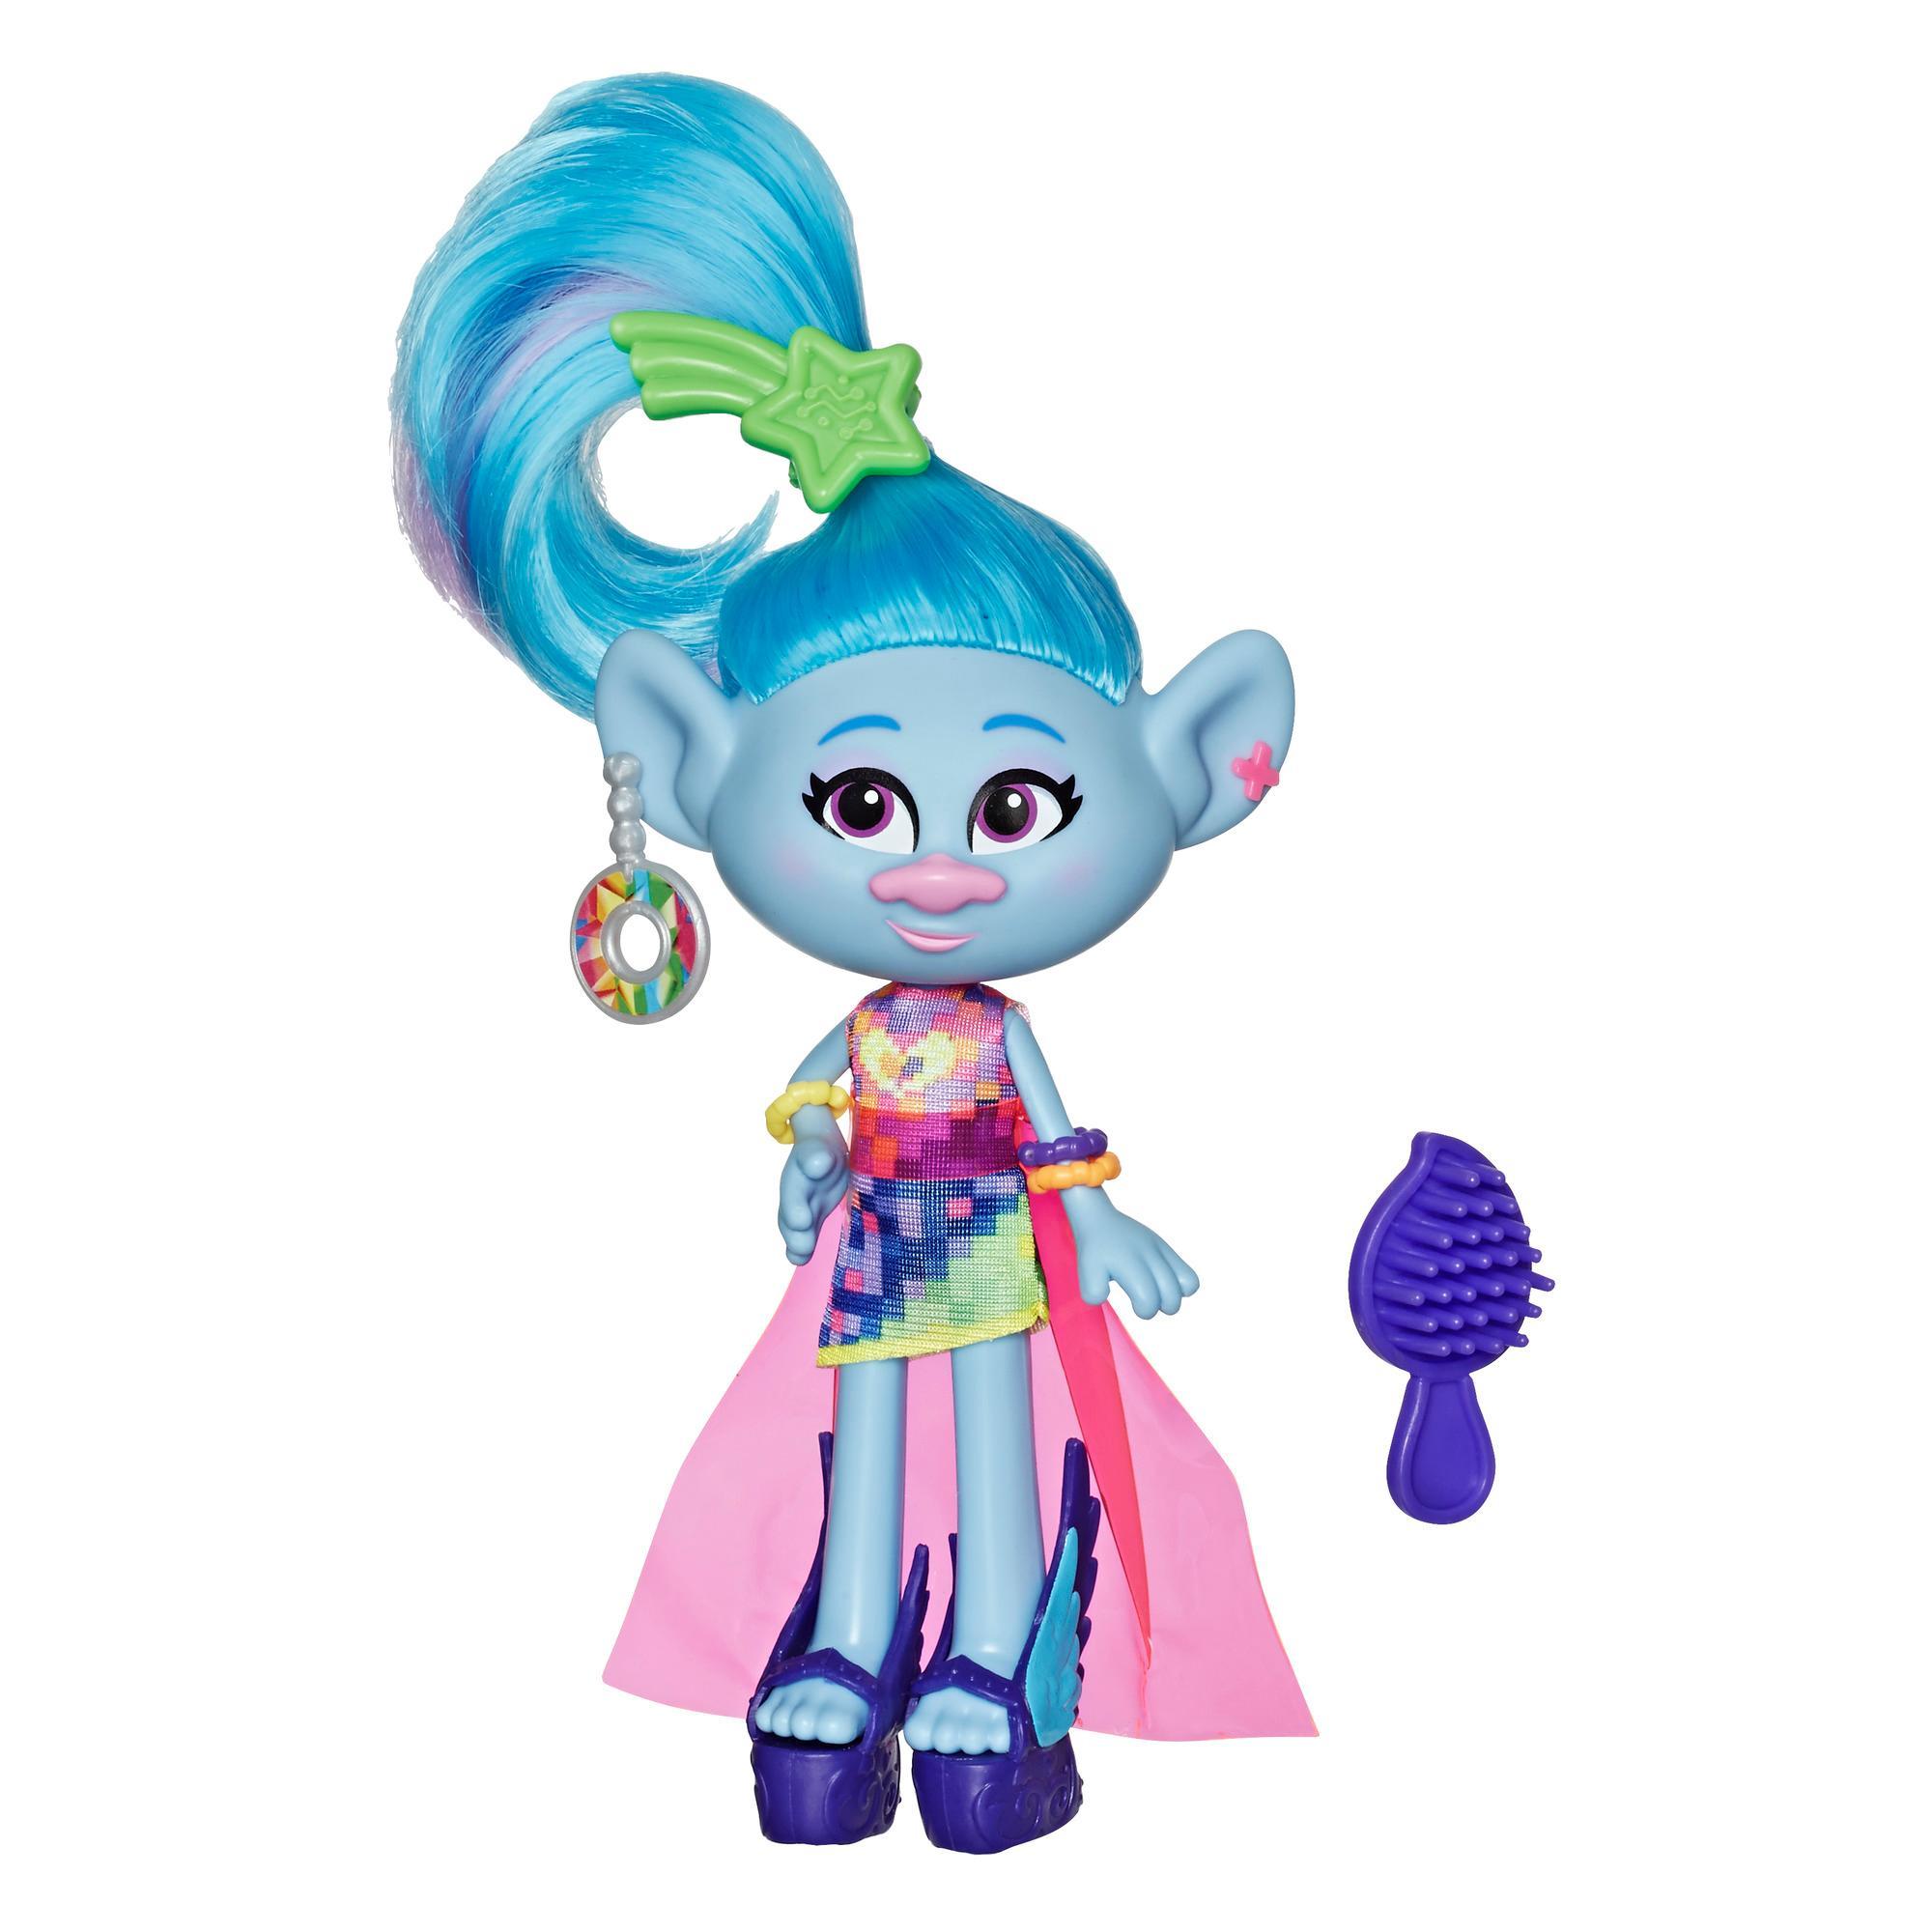 Les Trolls de DreamWorks - Poupée Mannequin Mode Deluxe  Chenille avec robe et plus, du film Trolls 2 : Tournée mondiale, enfants